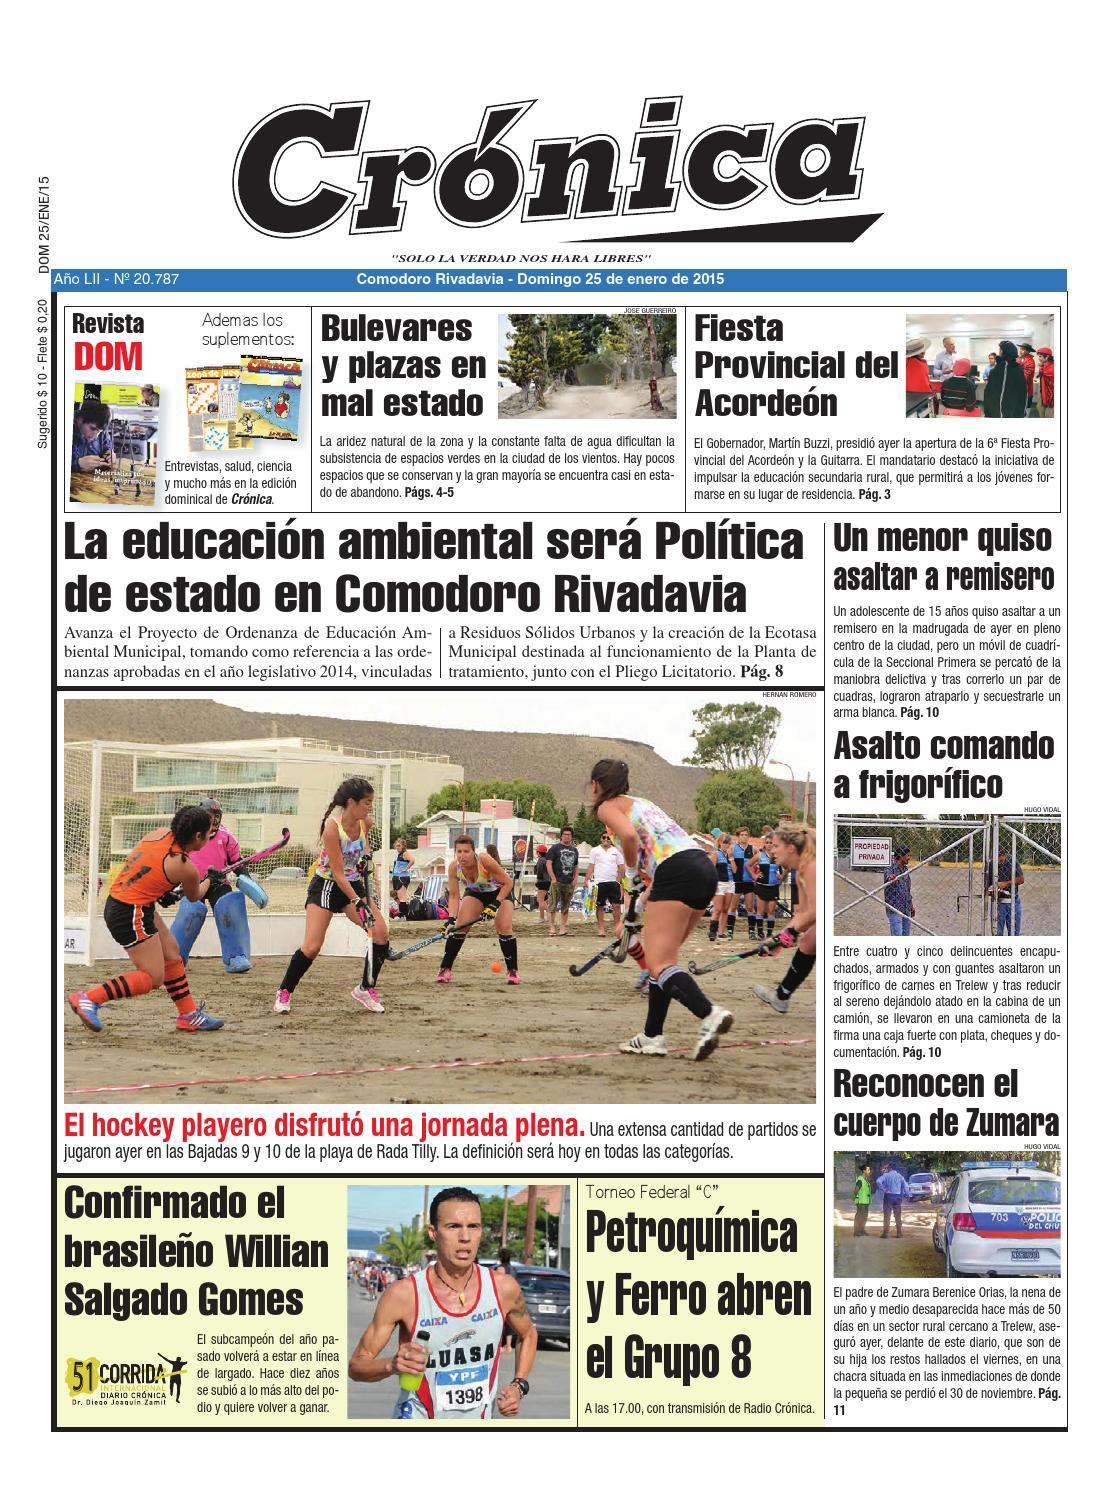 11102f1f8ed6a0562d11af57fa5bb576 by Diario Crónica - issuu